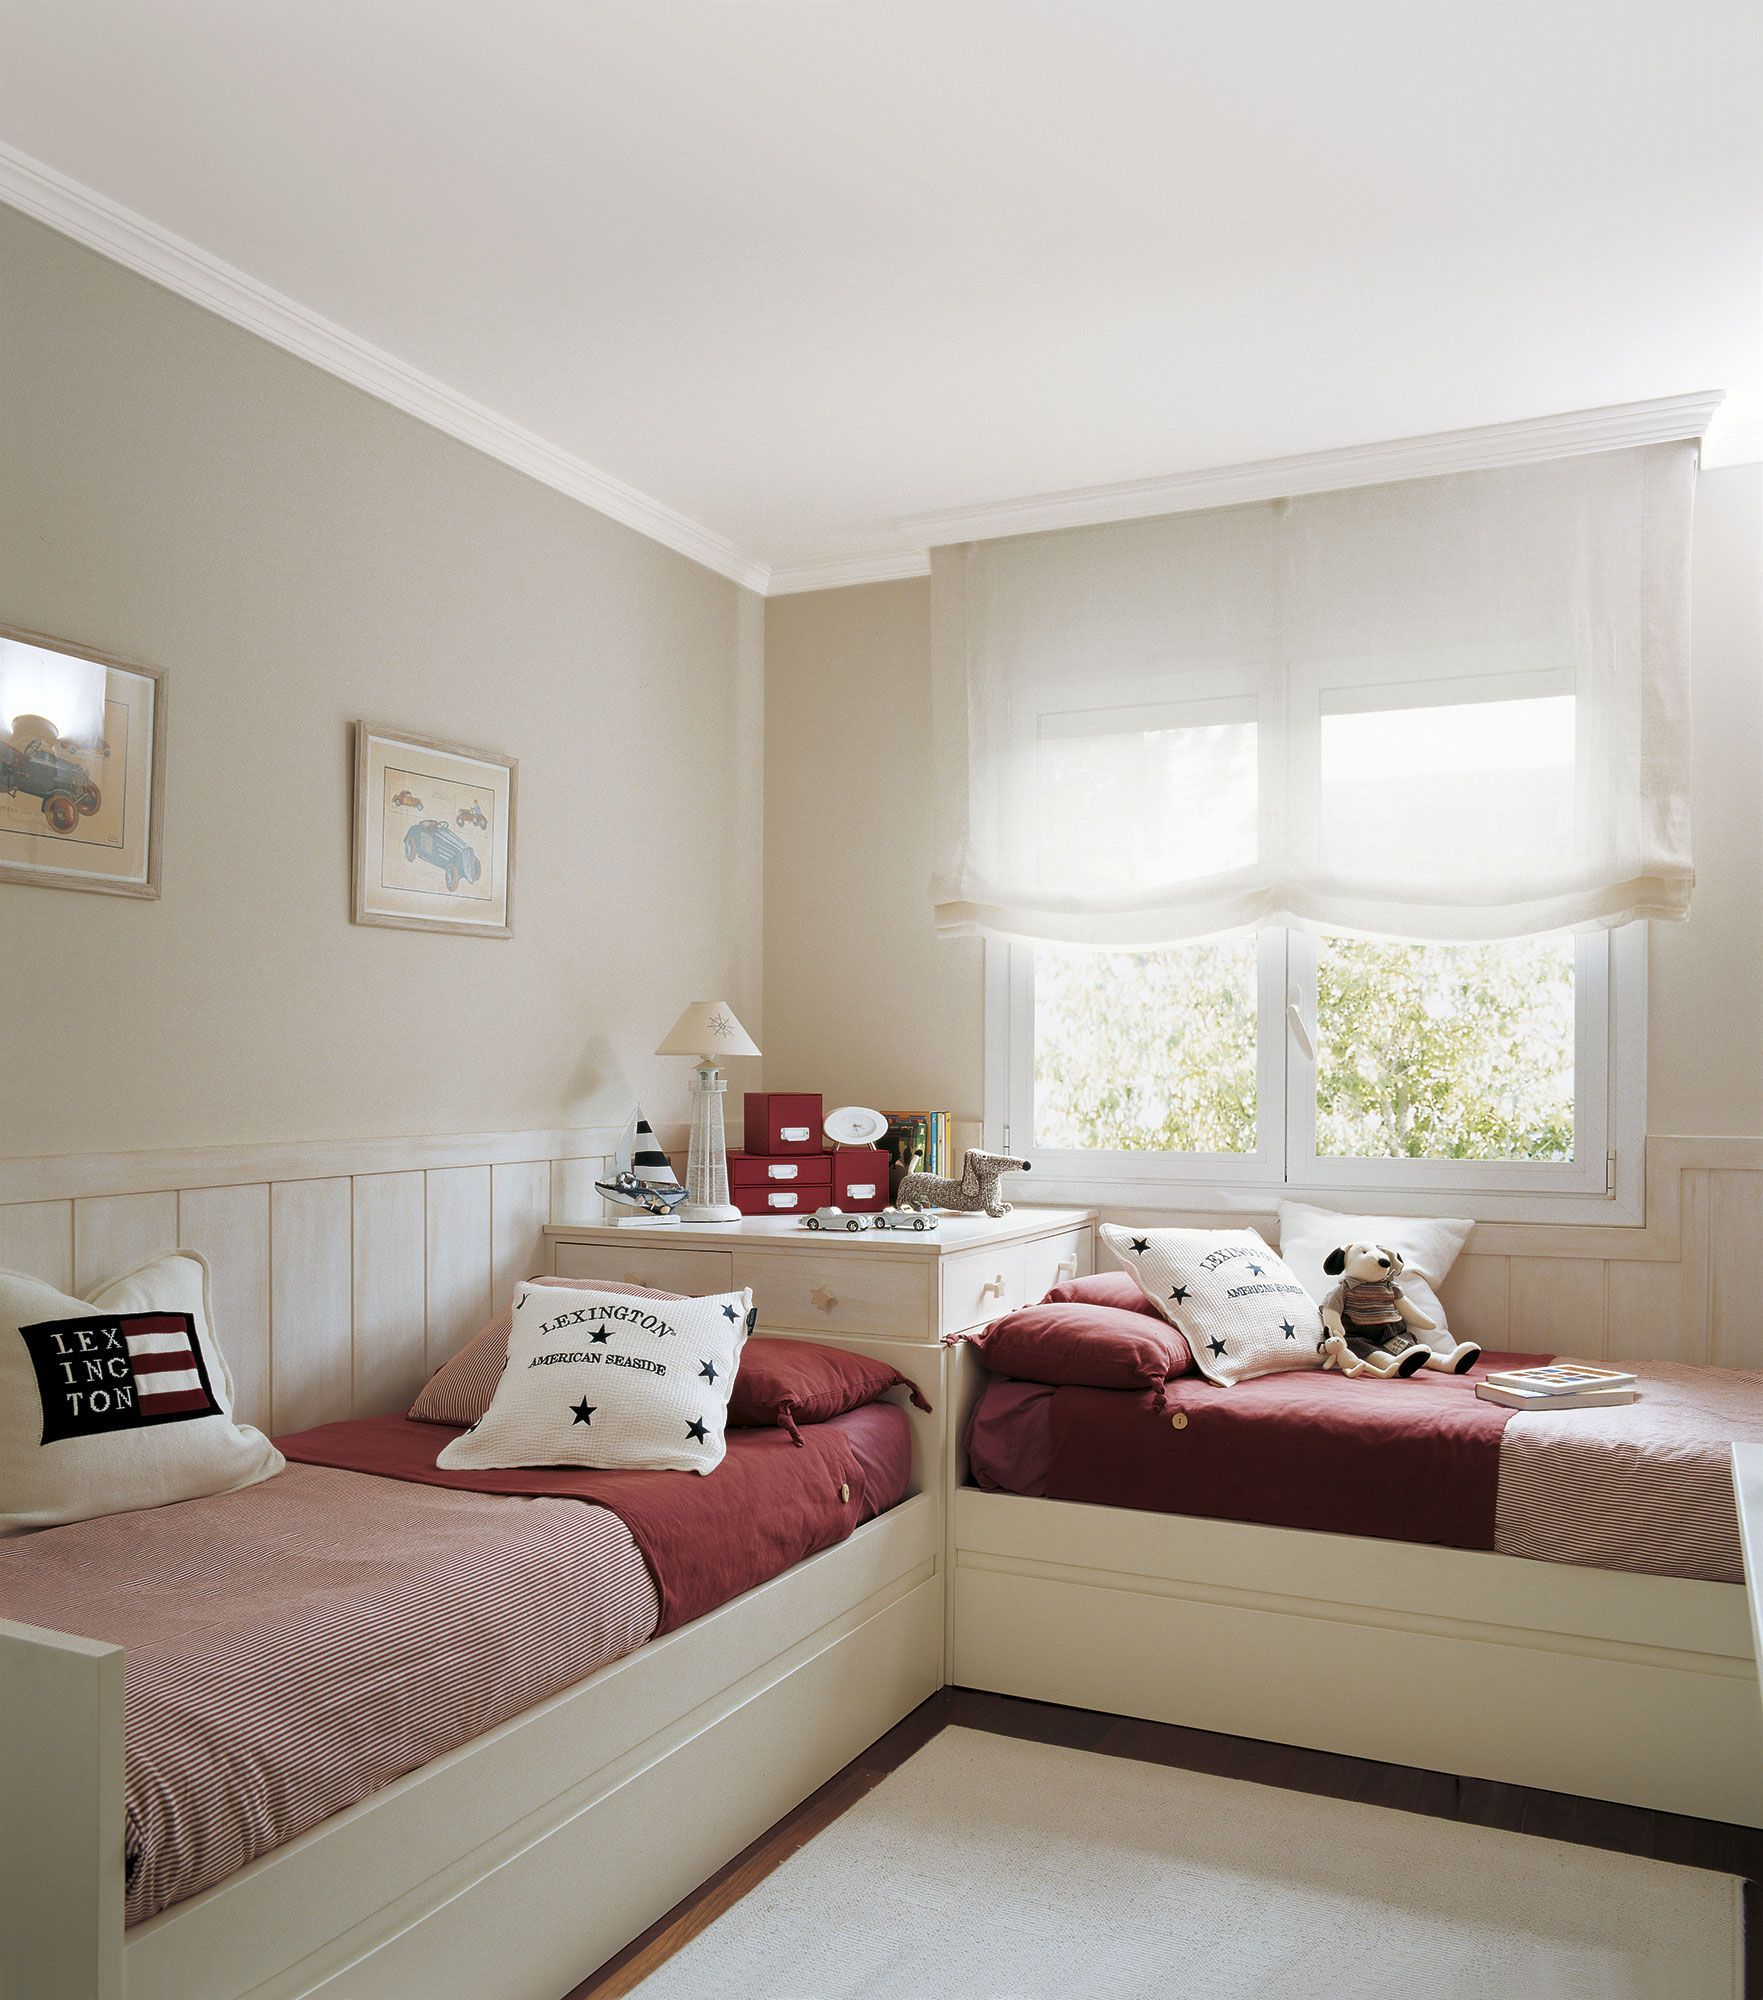 Habitacion Infantil Con Dos Camas En L Dormitorios Habitaciones Infantiles Dormitorios Compartidos